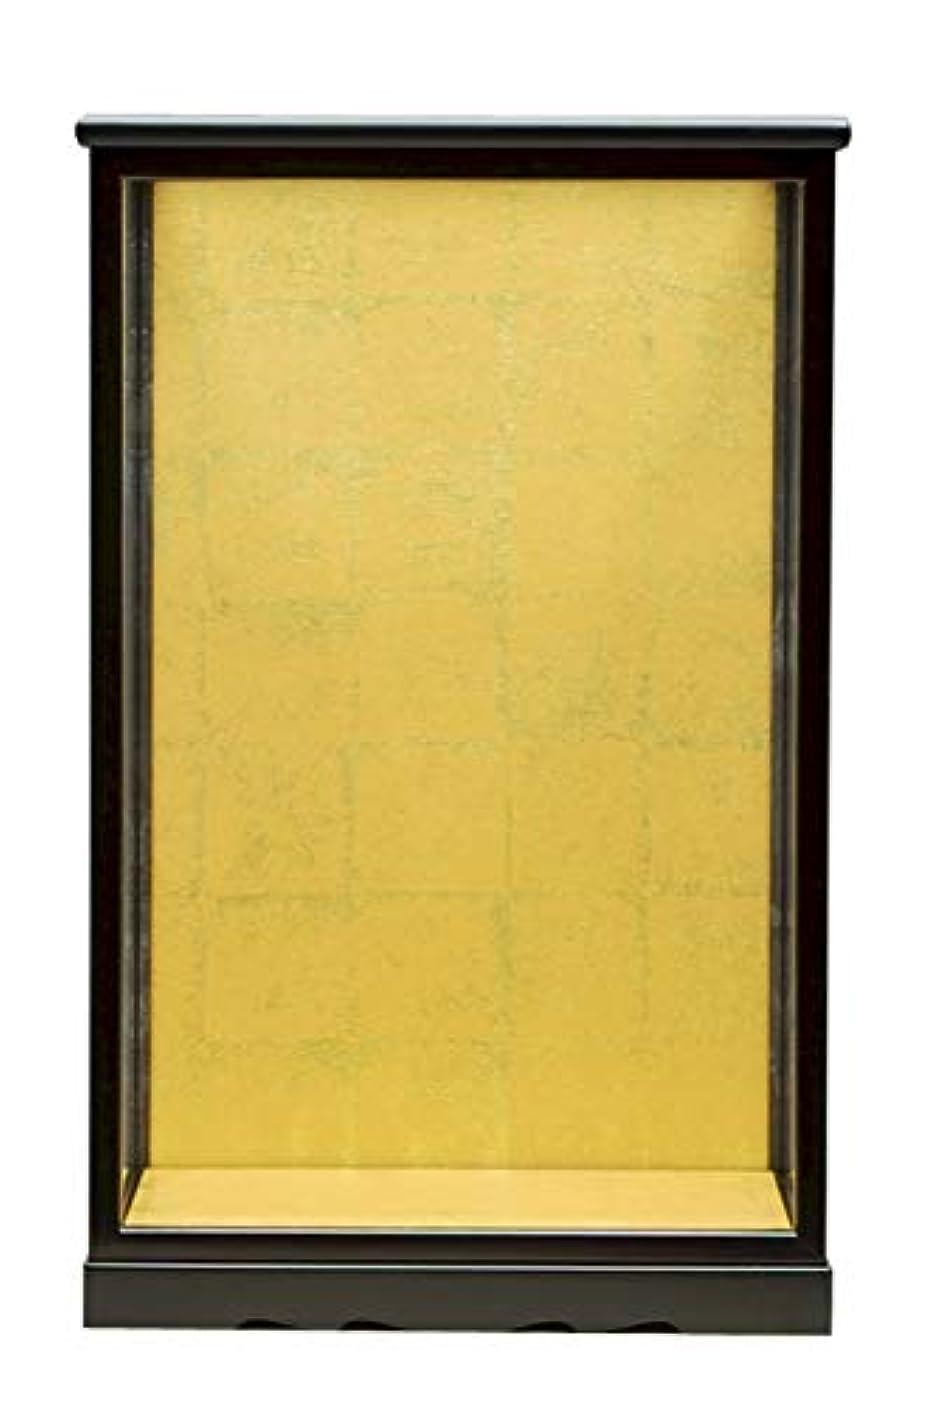 形オプション適合する人形ケース333 間口20×奥行16×高さ30cm(ケース内寸) 黒塗り ガラスケース 木製 カブセタイプ 博多人形 市松人形